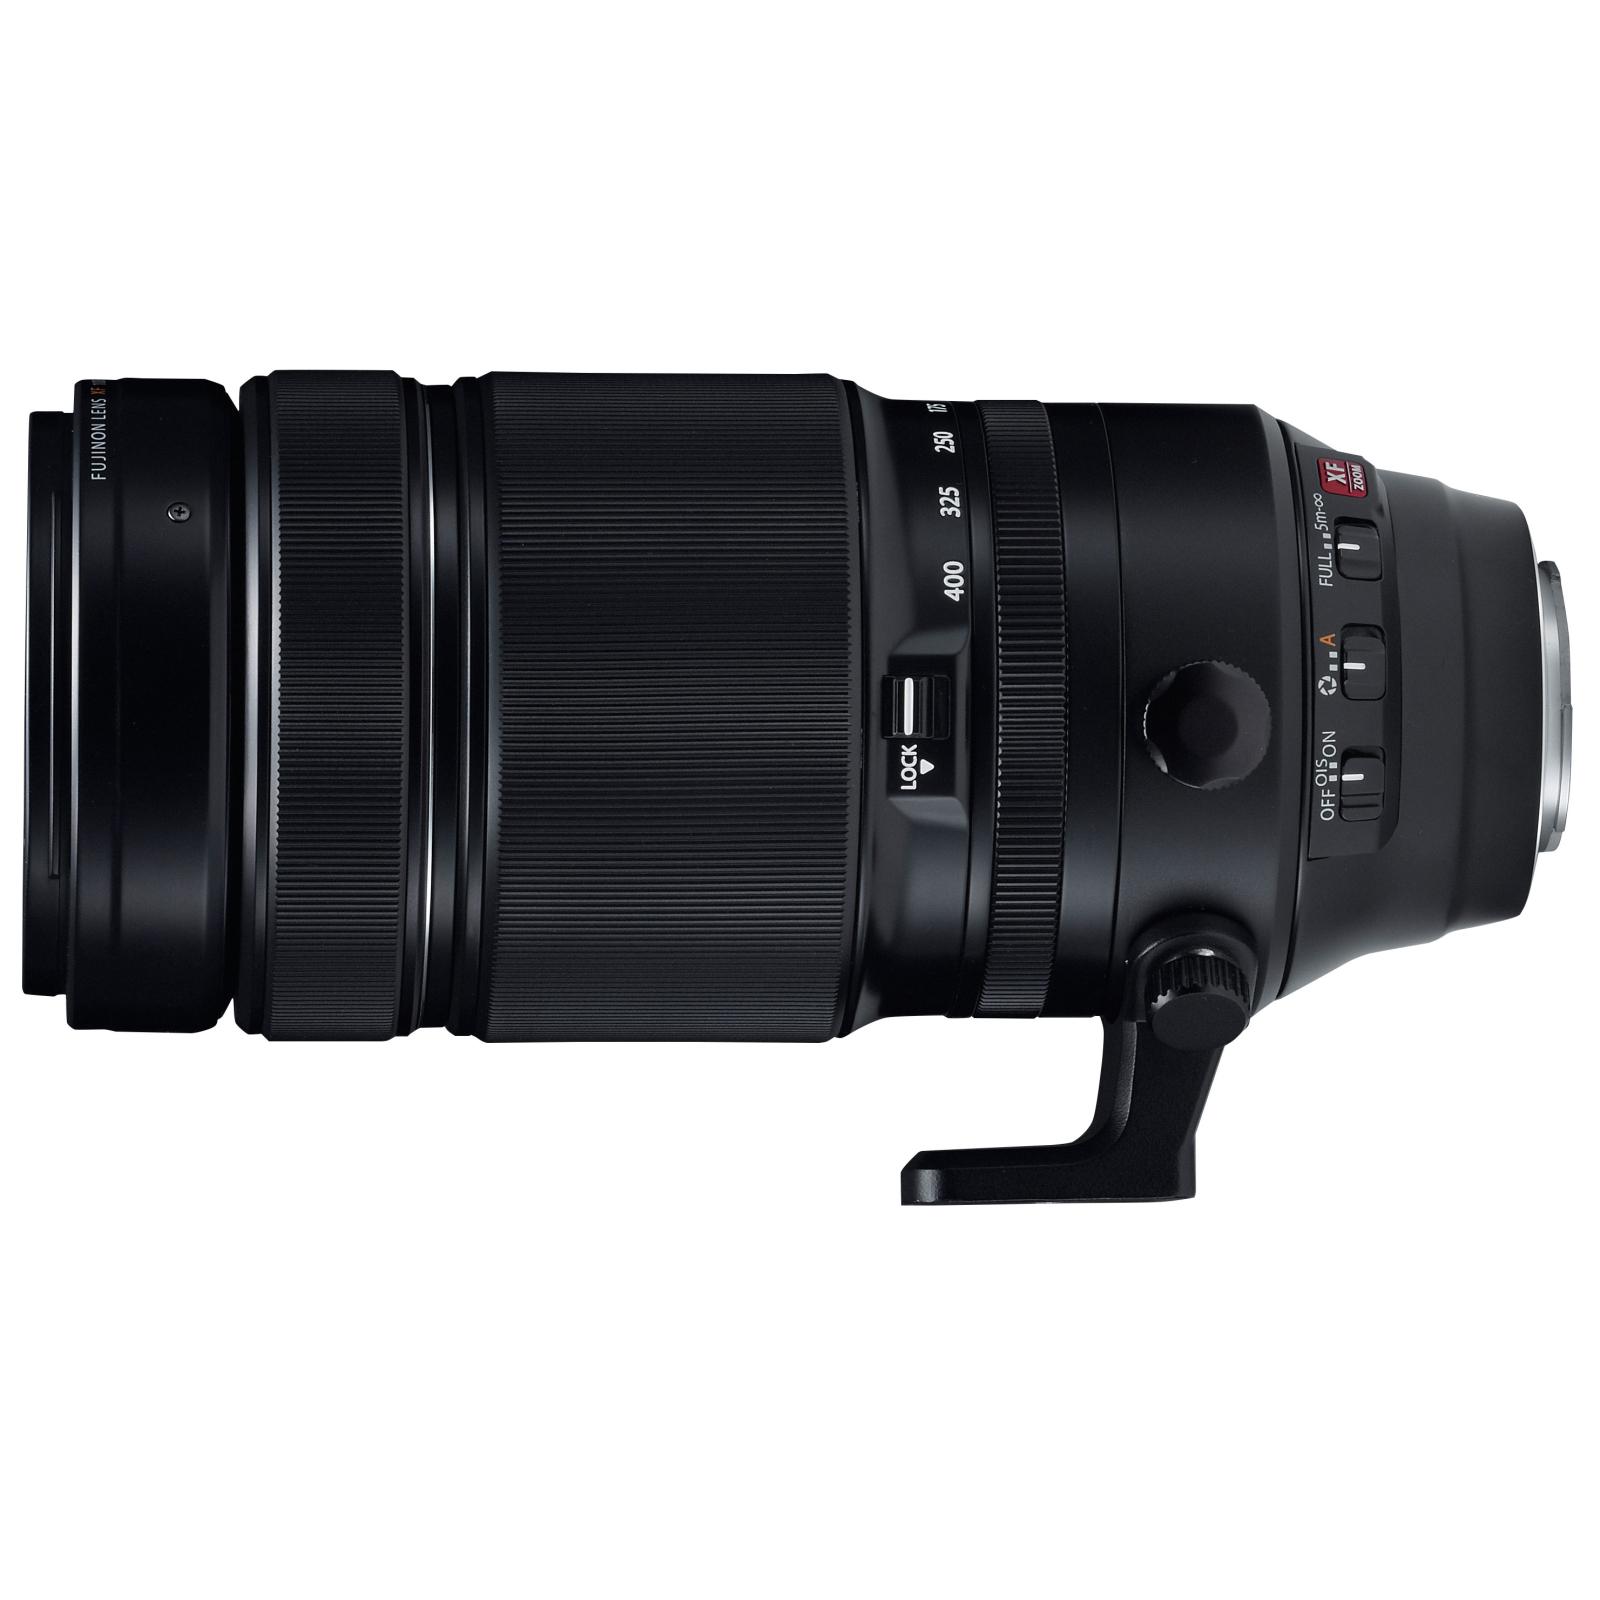 Объектив Fujifilm XF 100-400mm F4.5-5.6 R LM OIS WR (16501109)